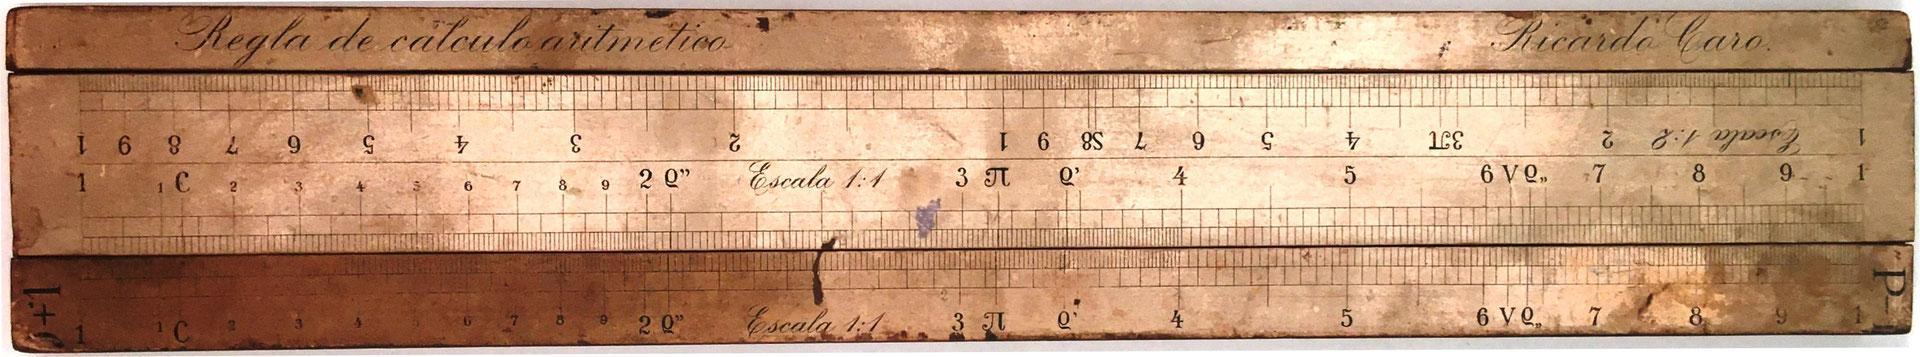 Regla de cálculo aritmético de RICARDO CARO Y ANCHÍA, escala 1:1 (números) frente a la escala 1:1 (números), año 1910, 45x8 cm